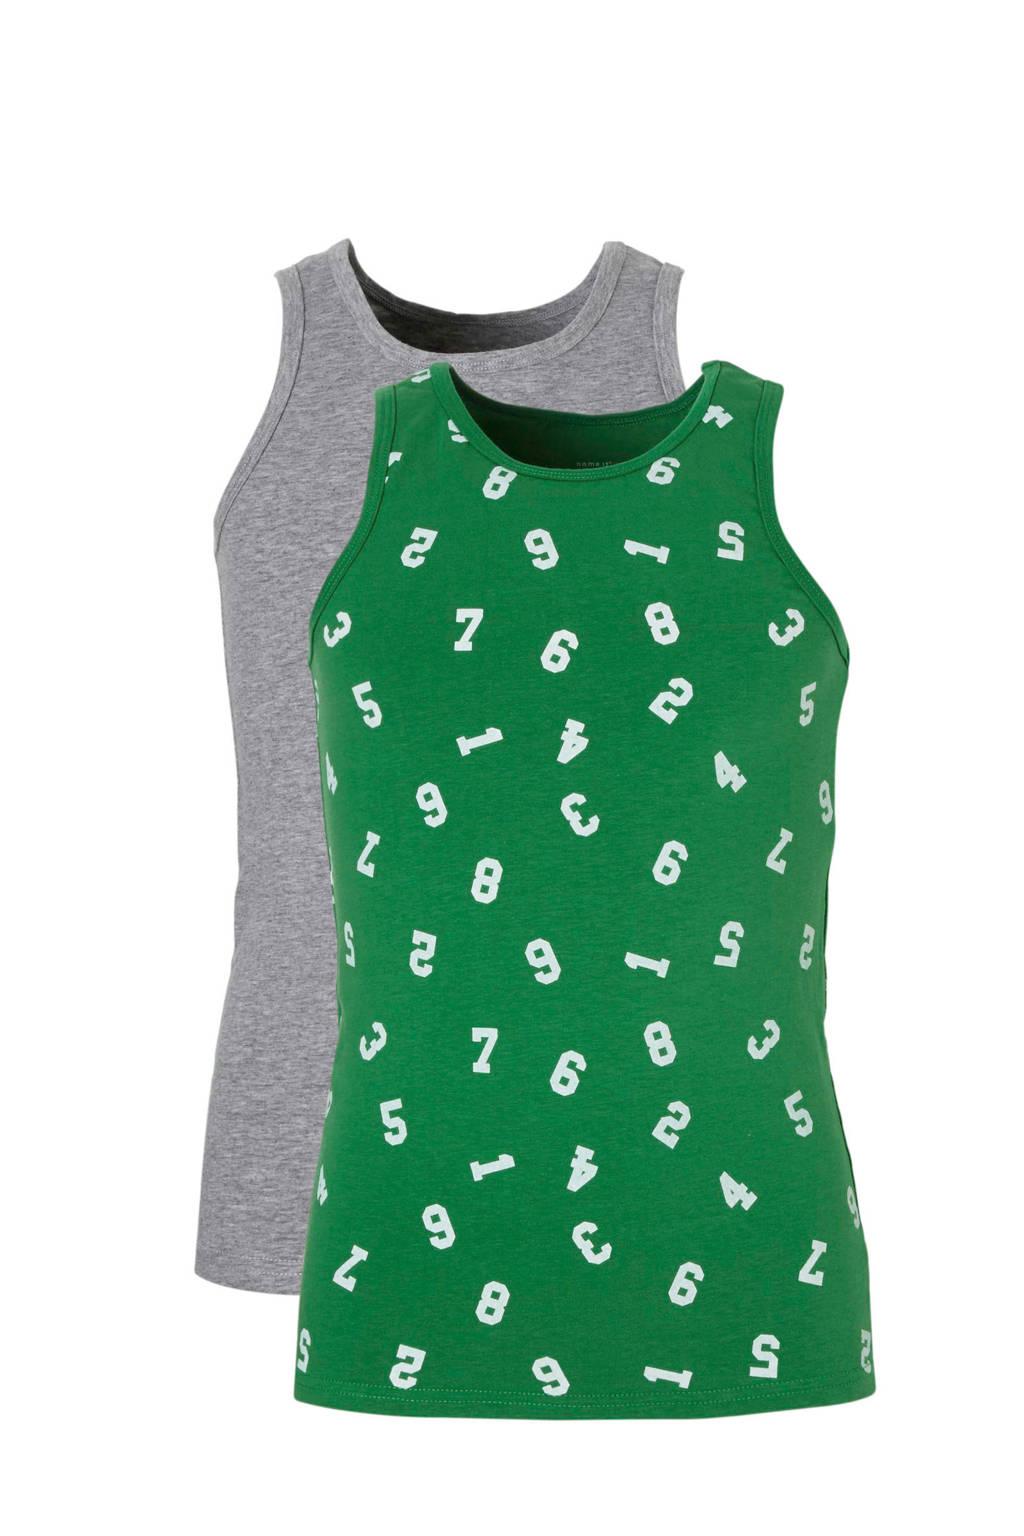 name it hemd ( set van 2 ), Groen/ grijs melange